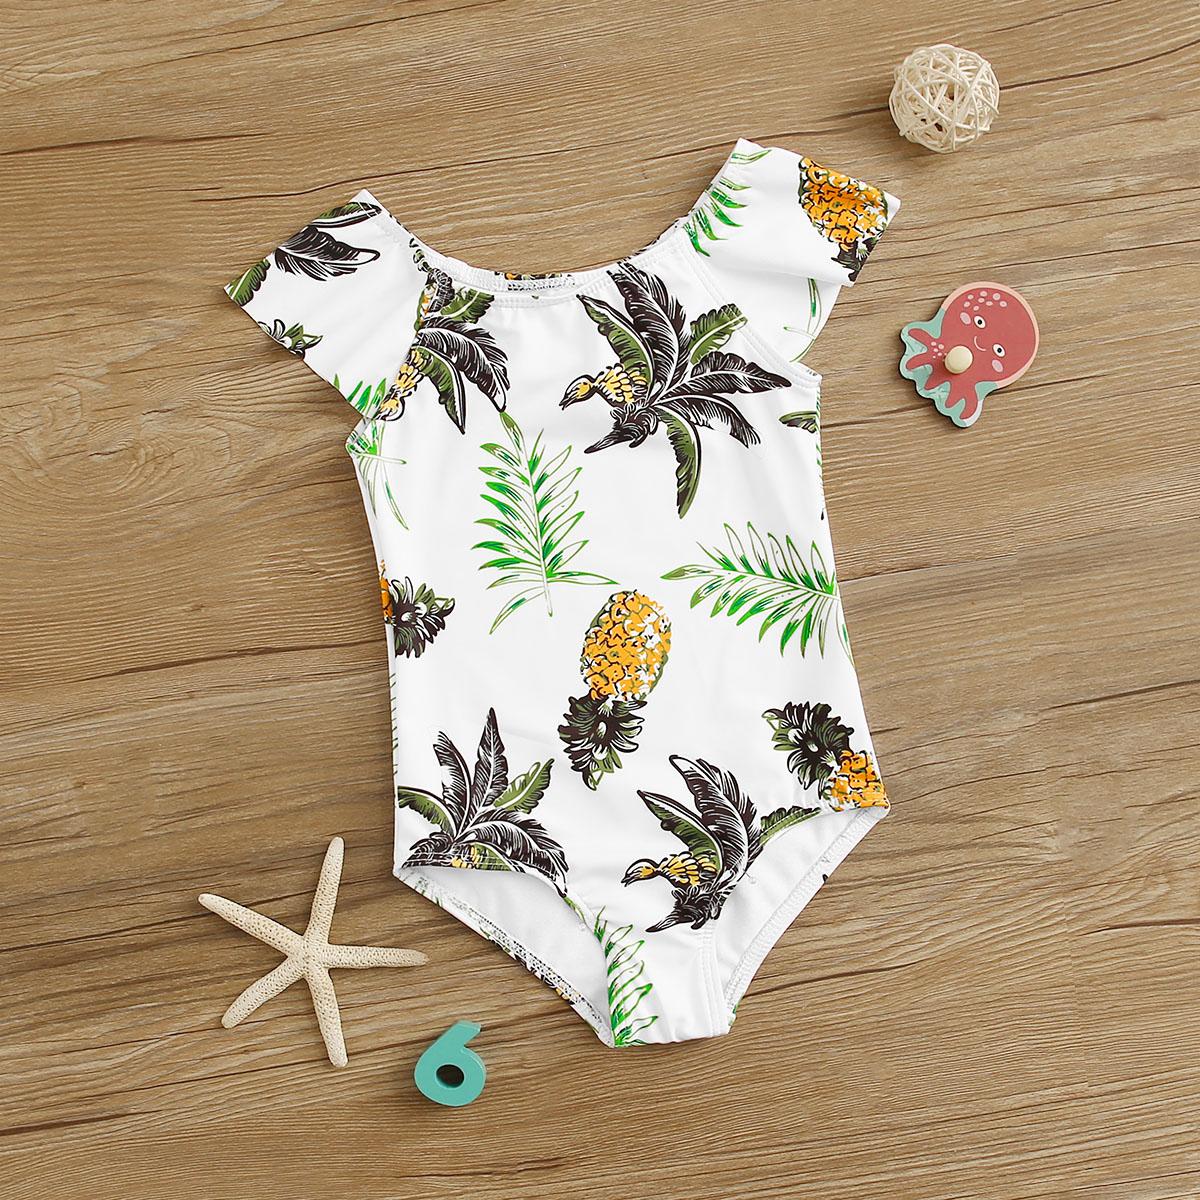 Babymeisje tropische badmode uit een stuk